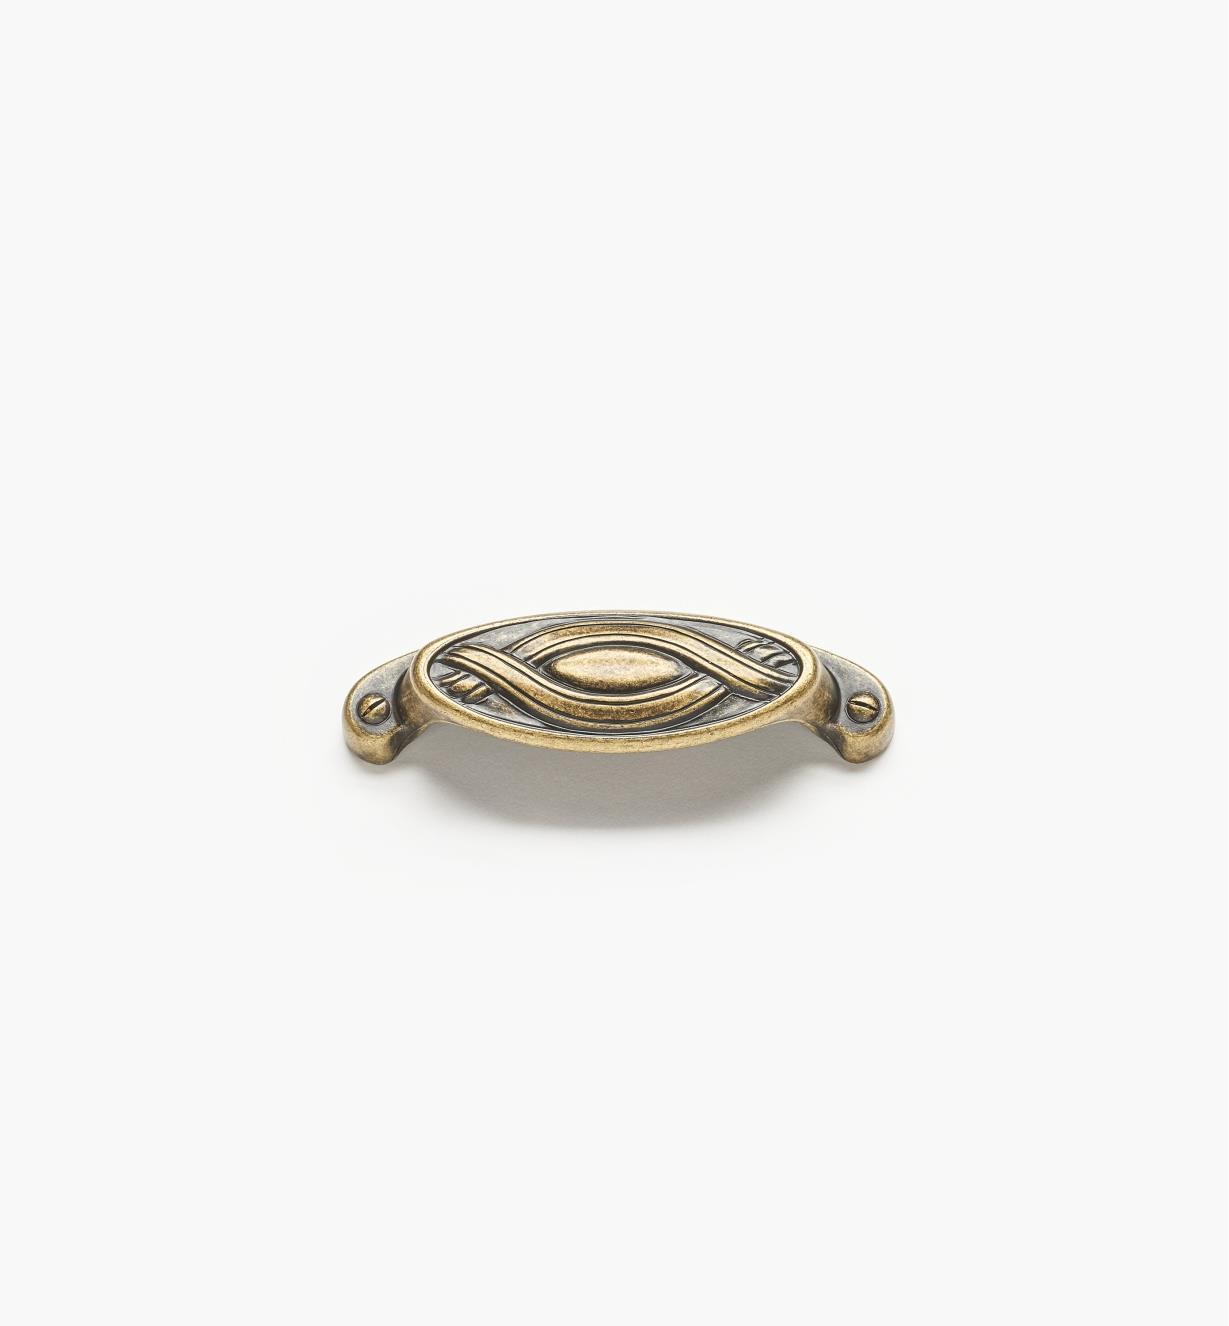 01A2960 - Poignée en coupelle rubanée ovale de 4 po, fini laiton antique (64 mm)